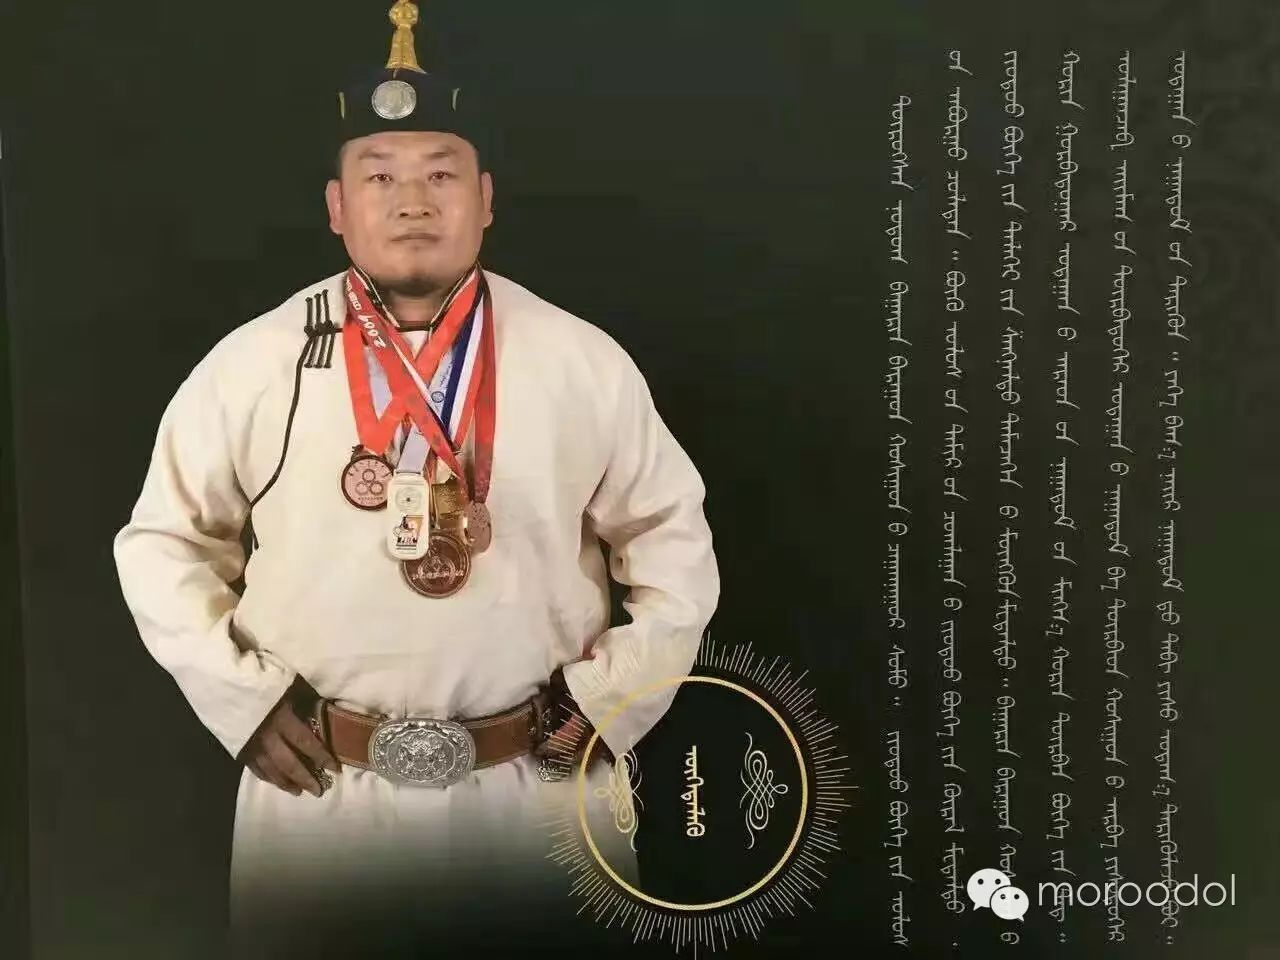 卐【蒙古博克】赤峰著名摔跤手及他们的战绩(图片) 第6张 卐【蒙古博克】赤峰著名摔跤手及他们的战绩(图片) 蒙古文化